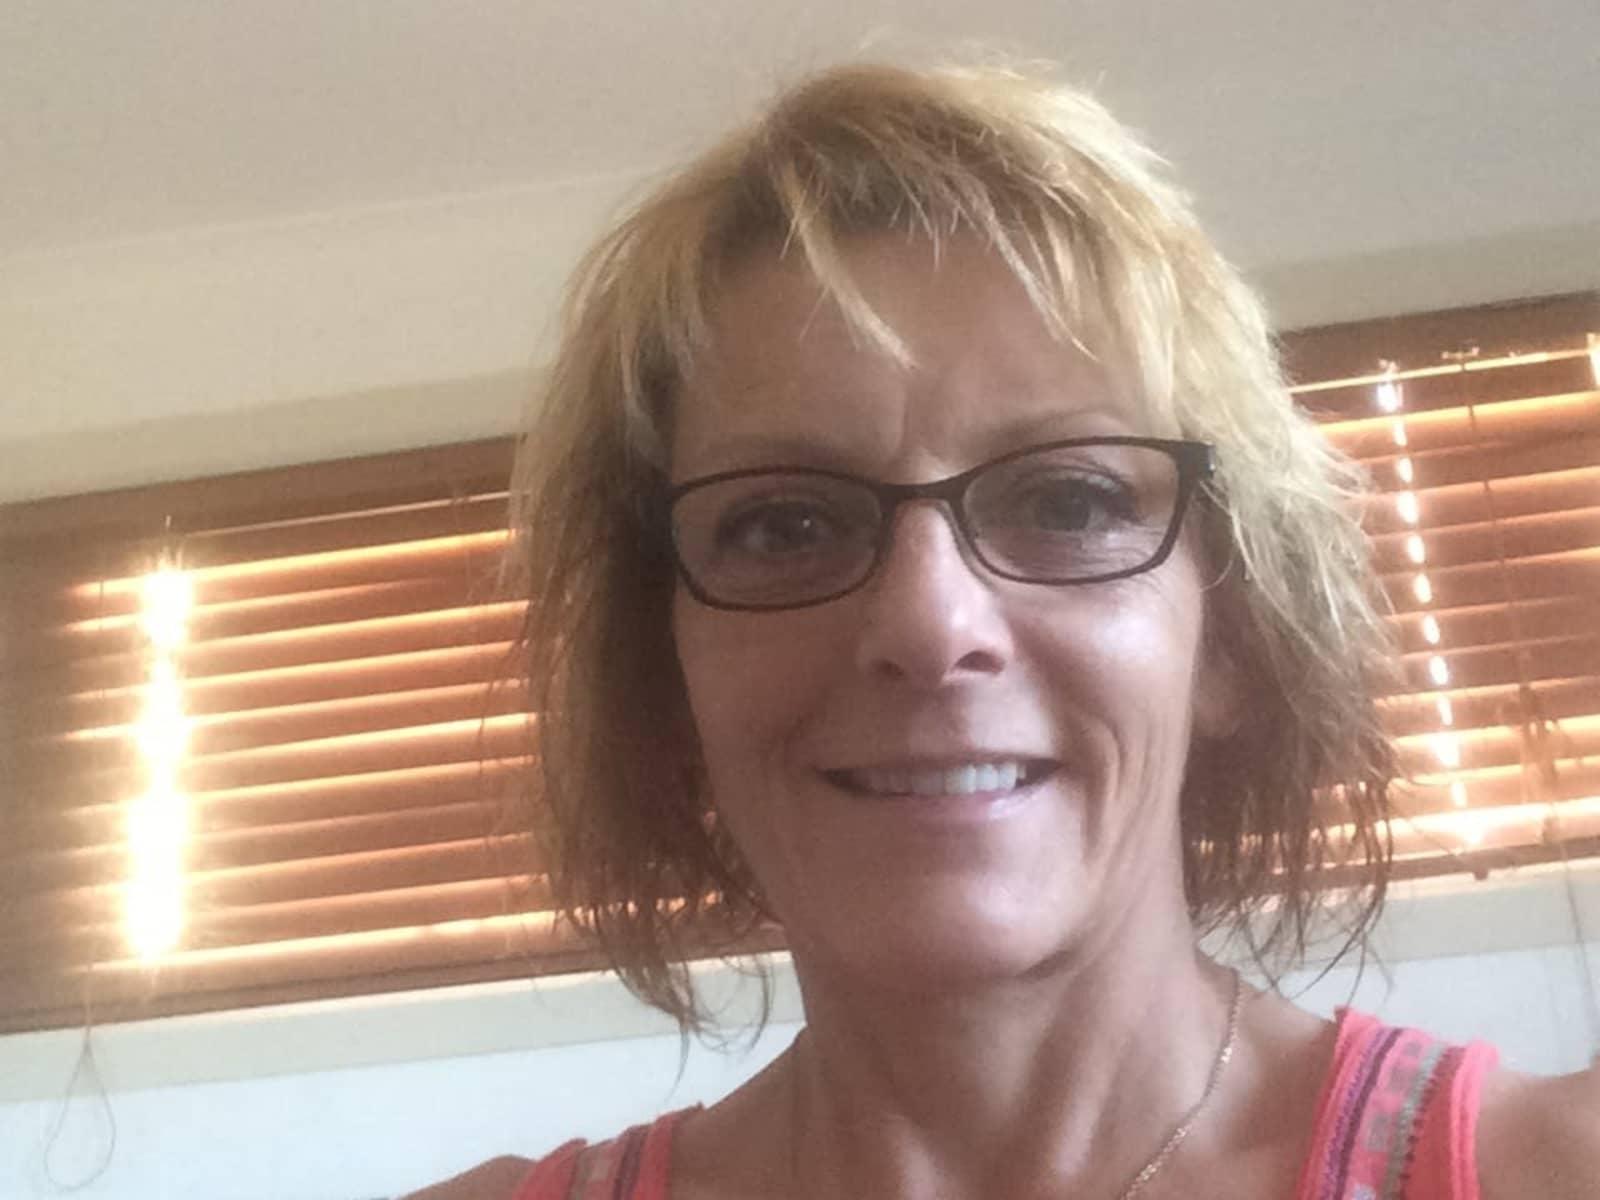 Michelle from Pakenham Upper, Victoria, Australia